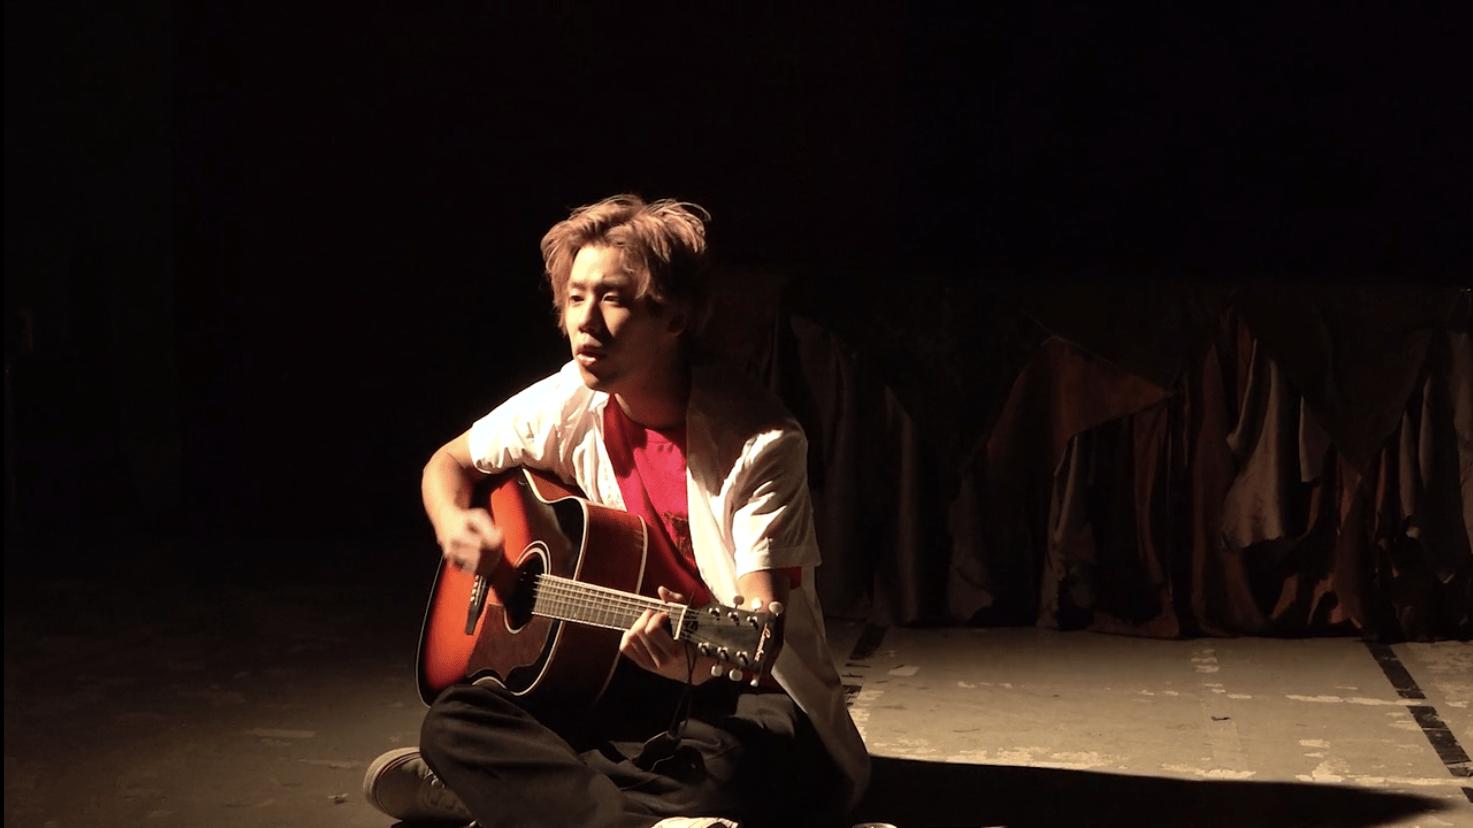 第六回公演 舞台ラヴィータ 公演振り返り